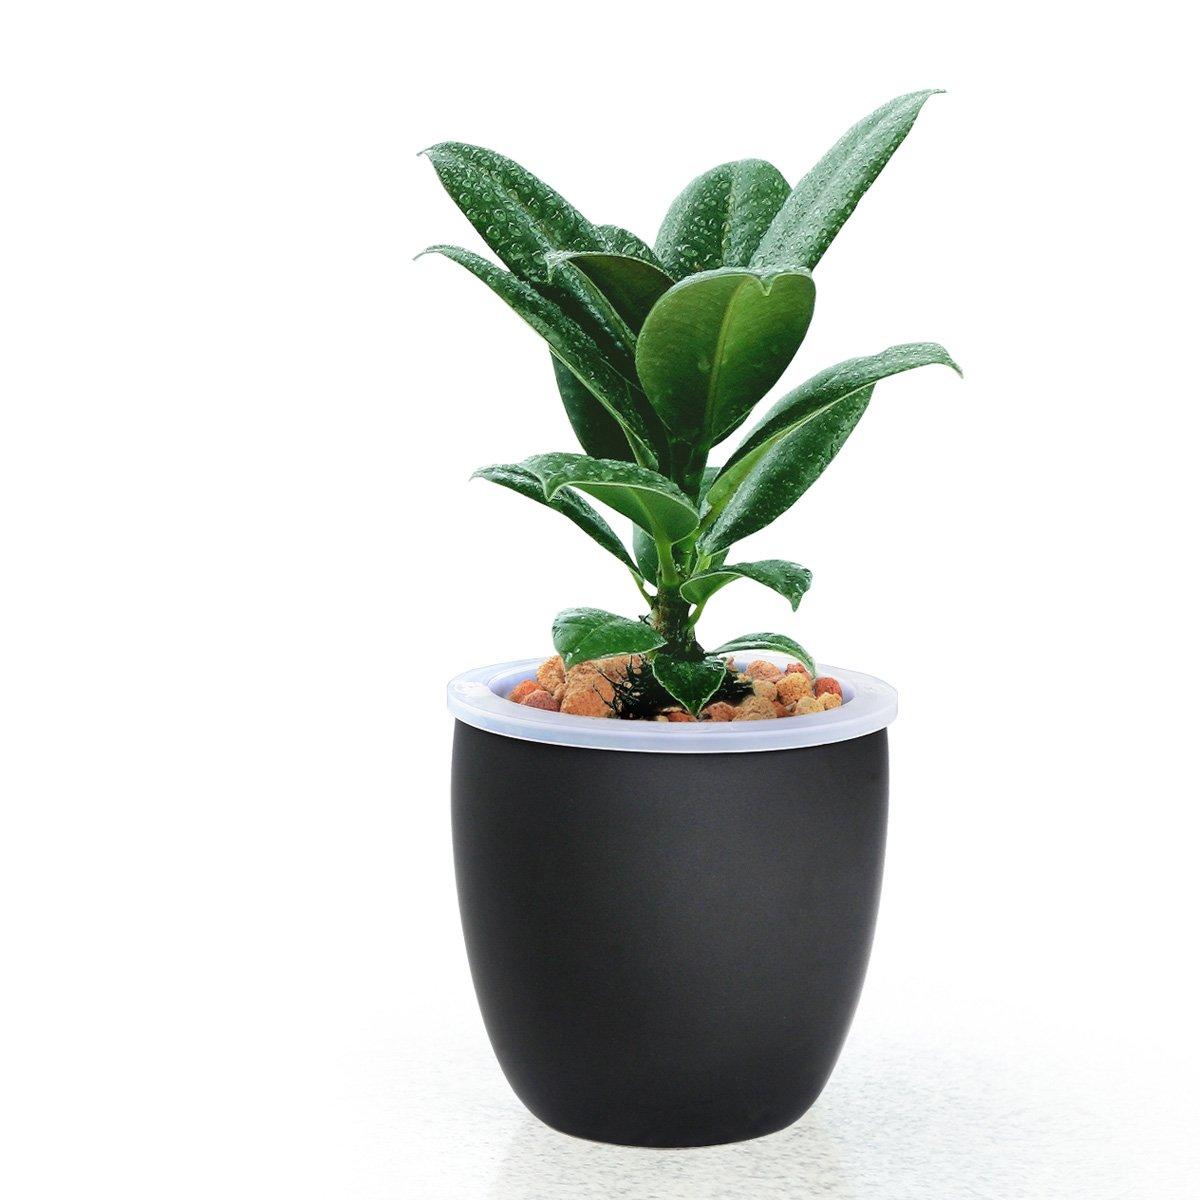 【花清枫】如水黑金刚盆栽,容易养,好成活 也名橡皮树